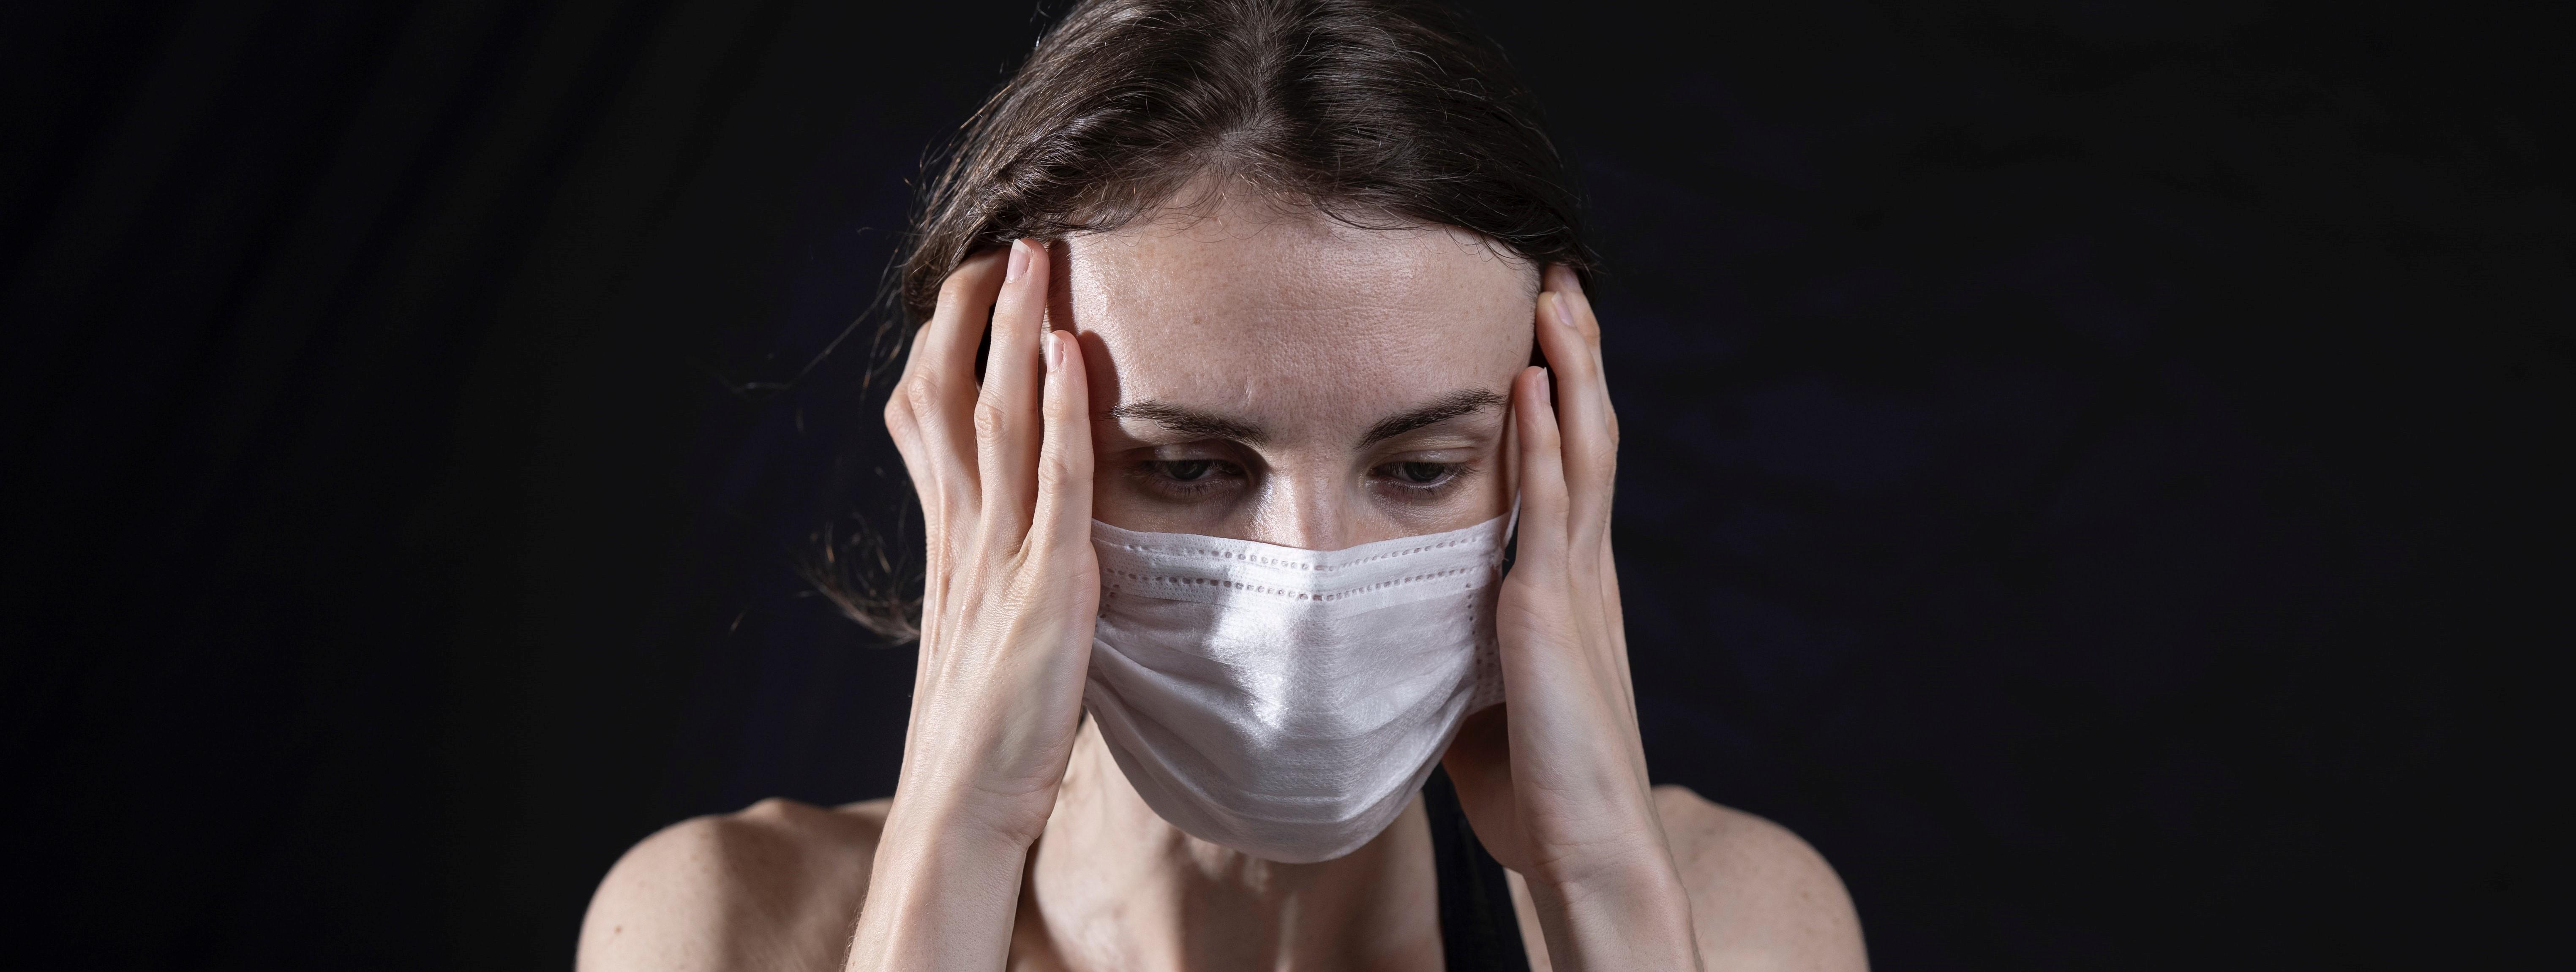 mulher de máscara com as mãos na cabeça e expressão triste